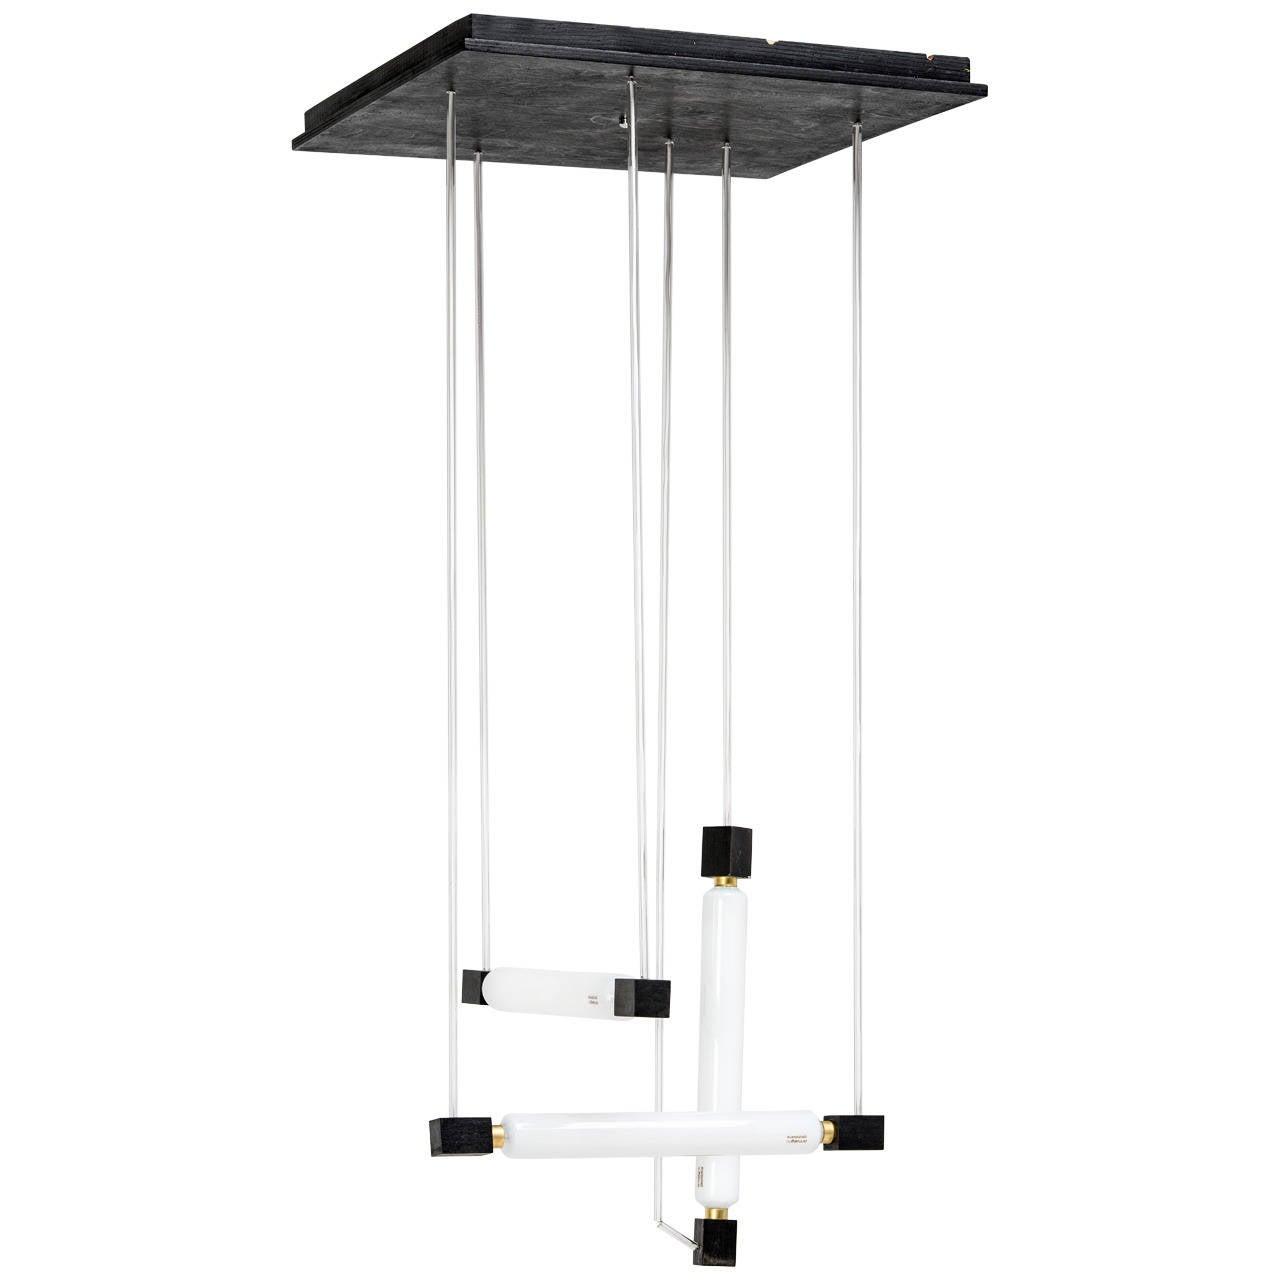 Hanging Lamp Gerrit Rietveld: Hanging Lamp Gerrit Rietveld For Sale At 1stdibs